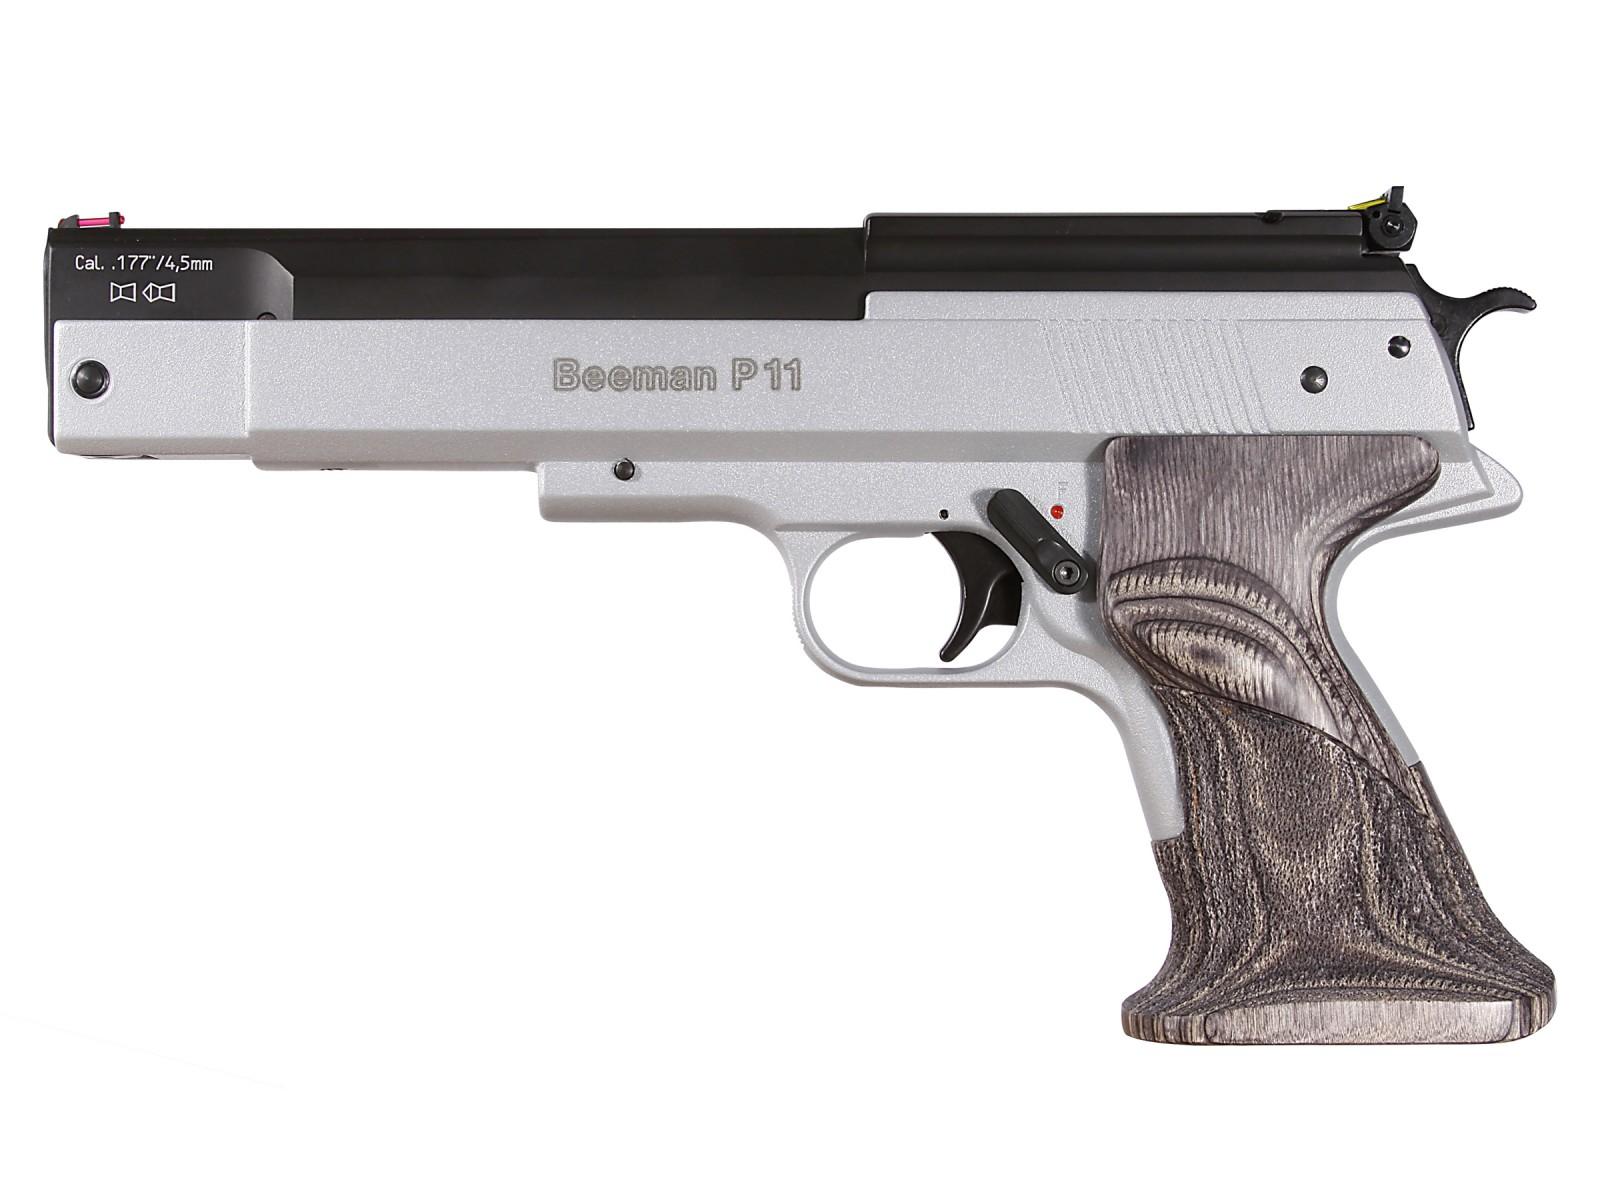 Beeman P11 air pistol